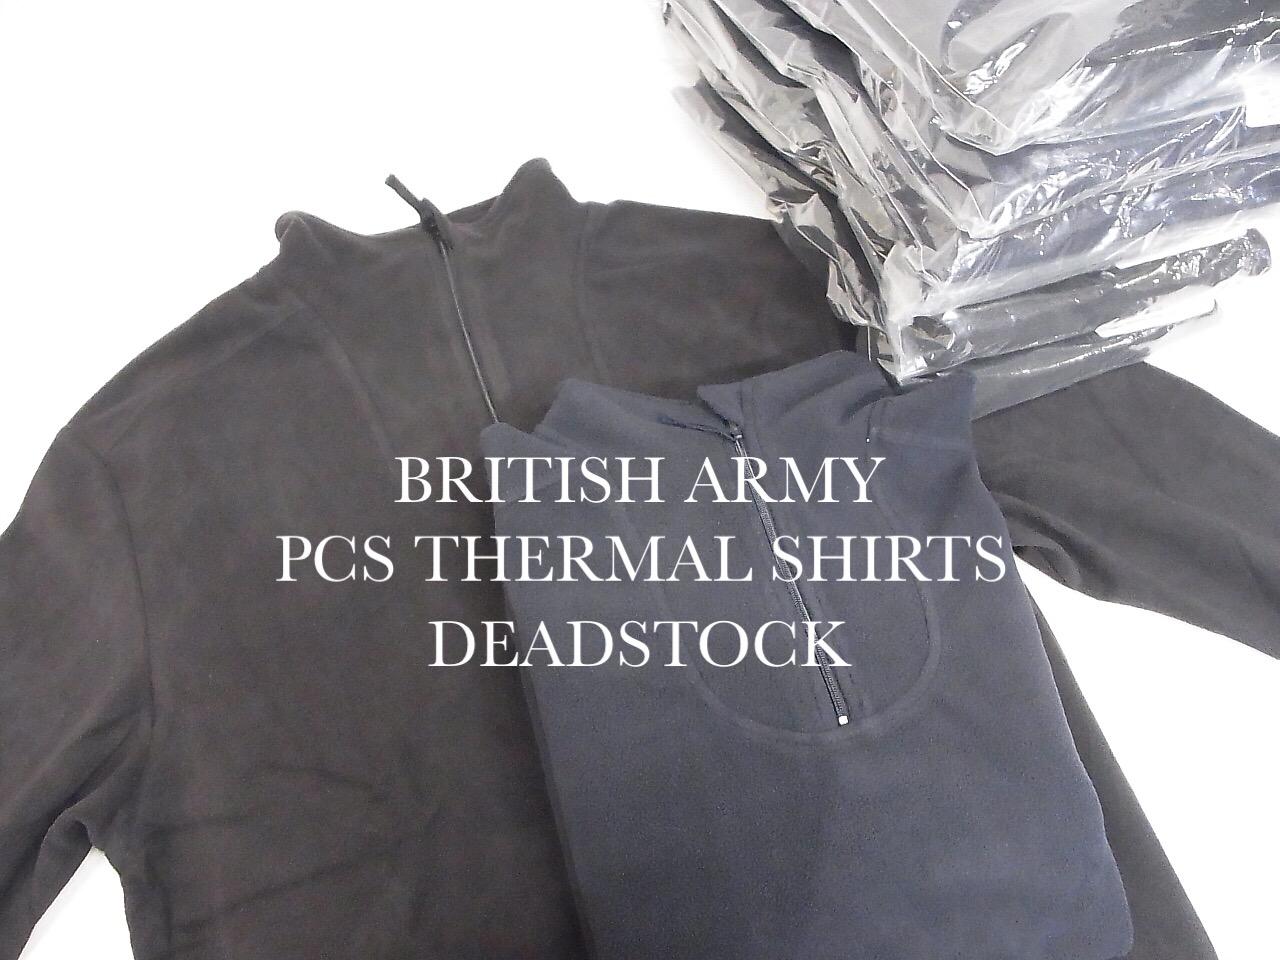 britisharmy-pcs-thermalshirts-20211014-1